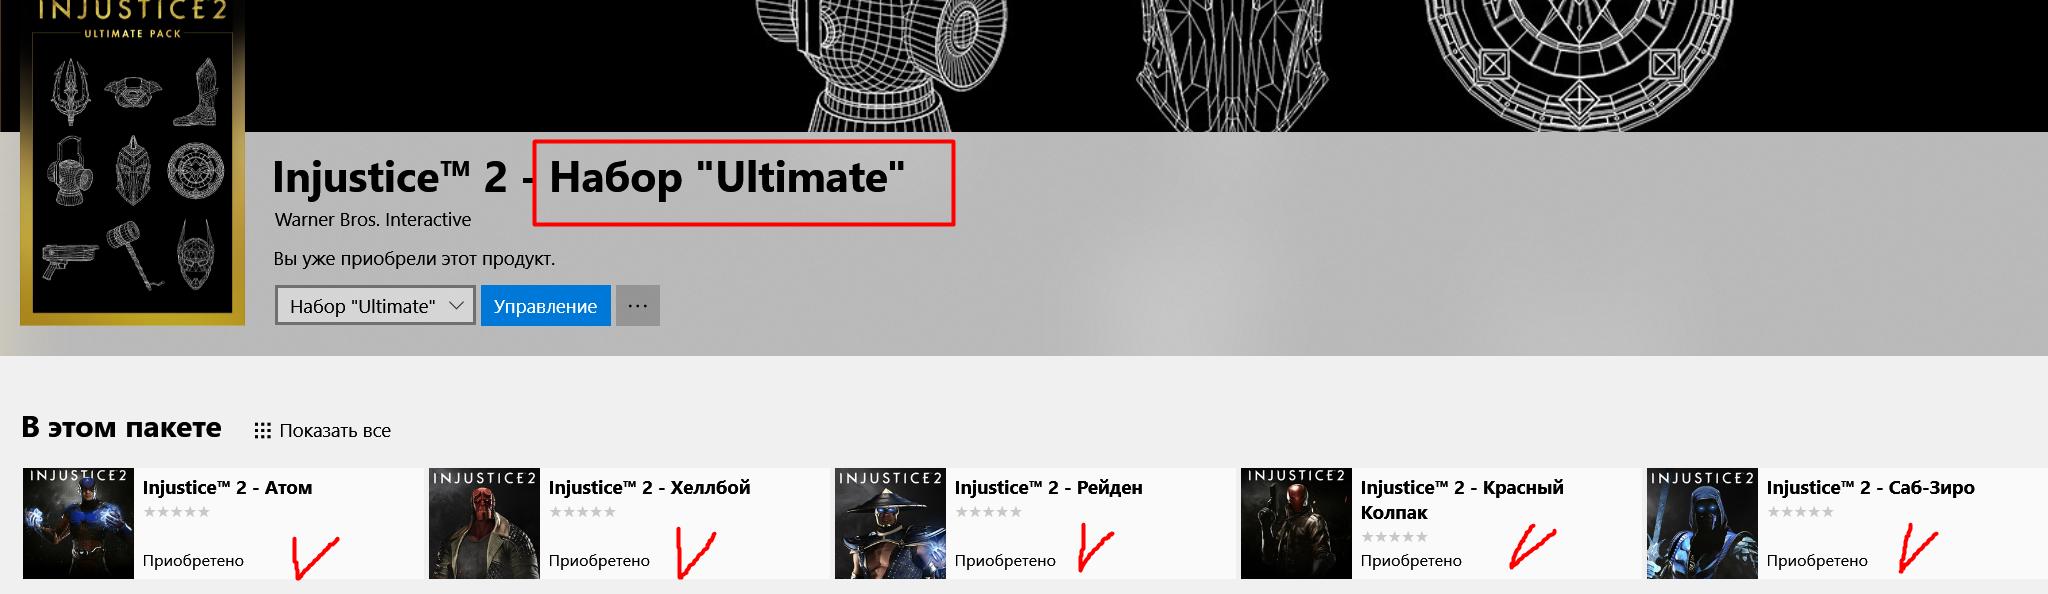 Скриншот 0 - WS-ОНЛАЙН Injustice ™ 2  Ultimate +Черепашкам-ниндзя (PC) Сетевая работает!